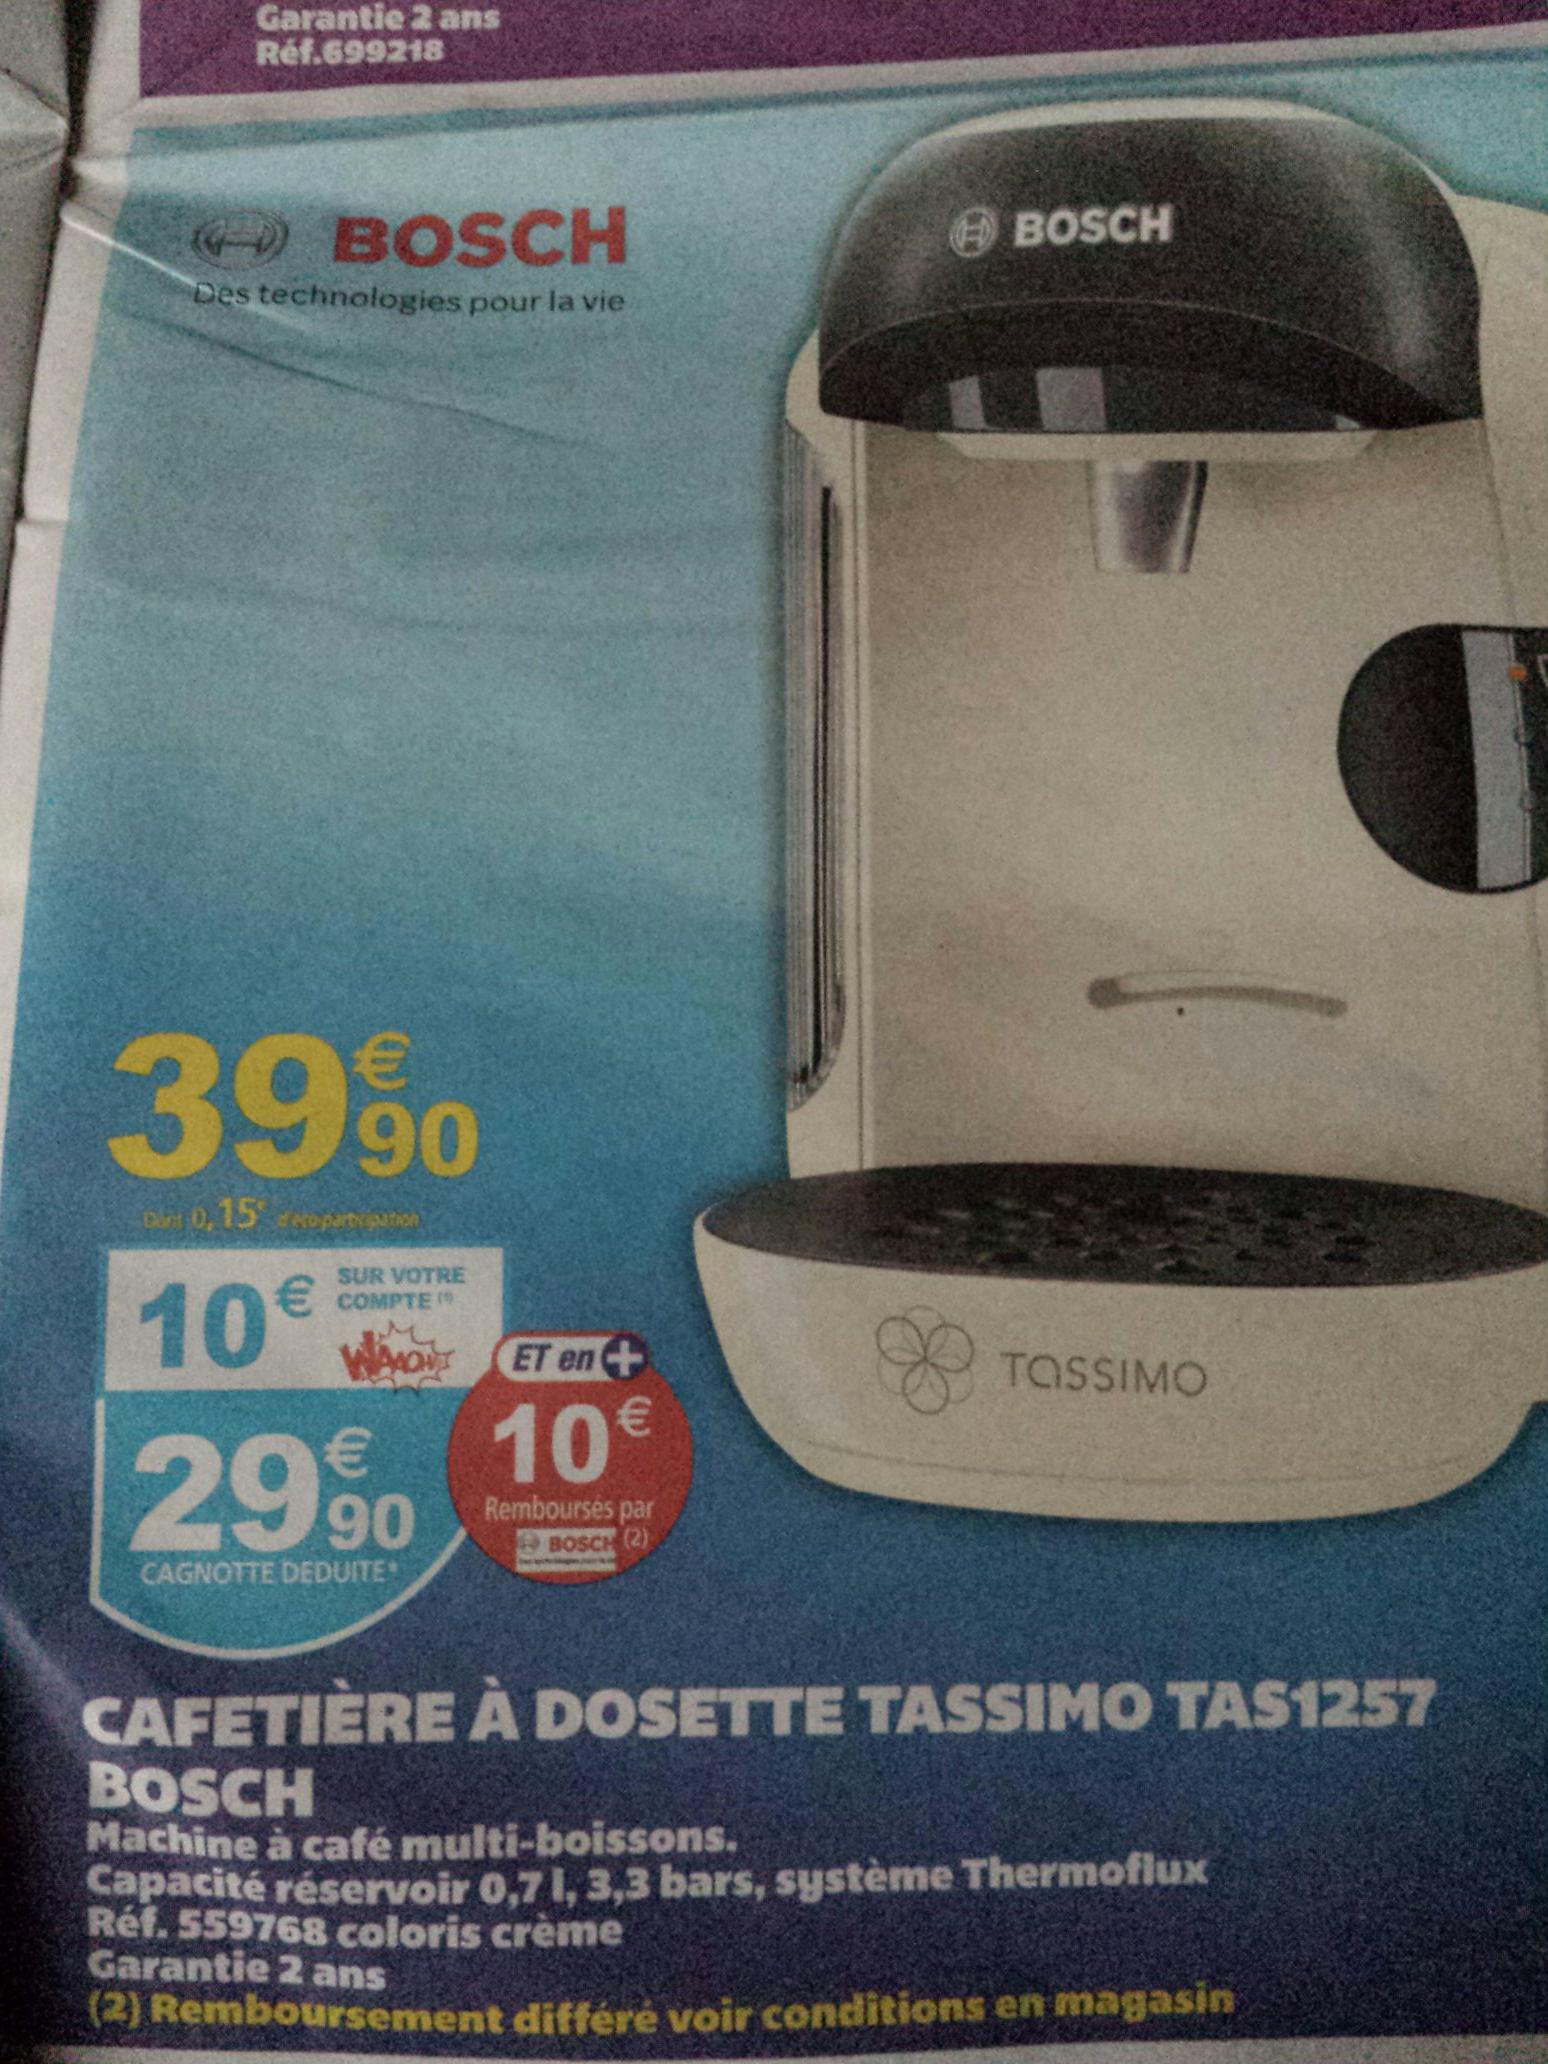 Cafetière à dosette tassimo Bosch Vivy TAS1257 (10€ sur la carte + ODR de 10€)